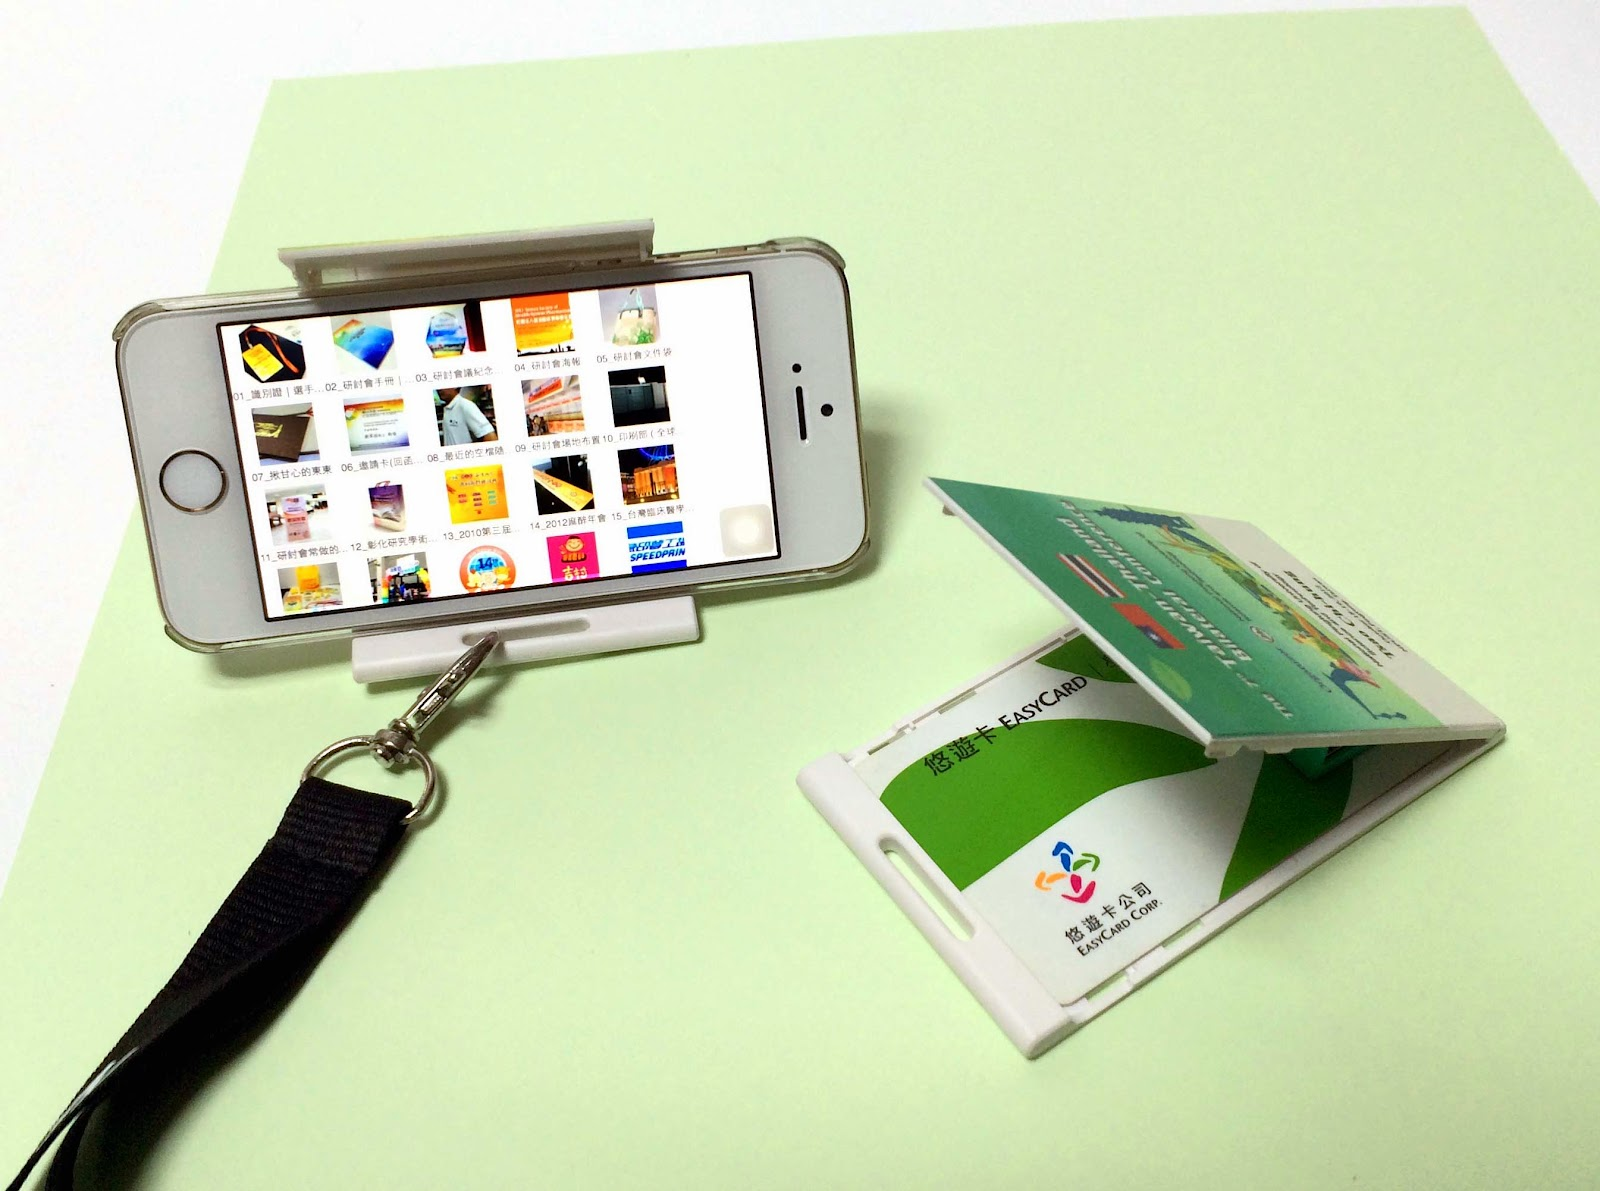 悠遊卡手機座識別證